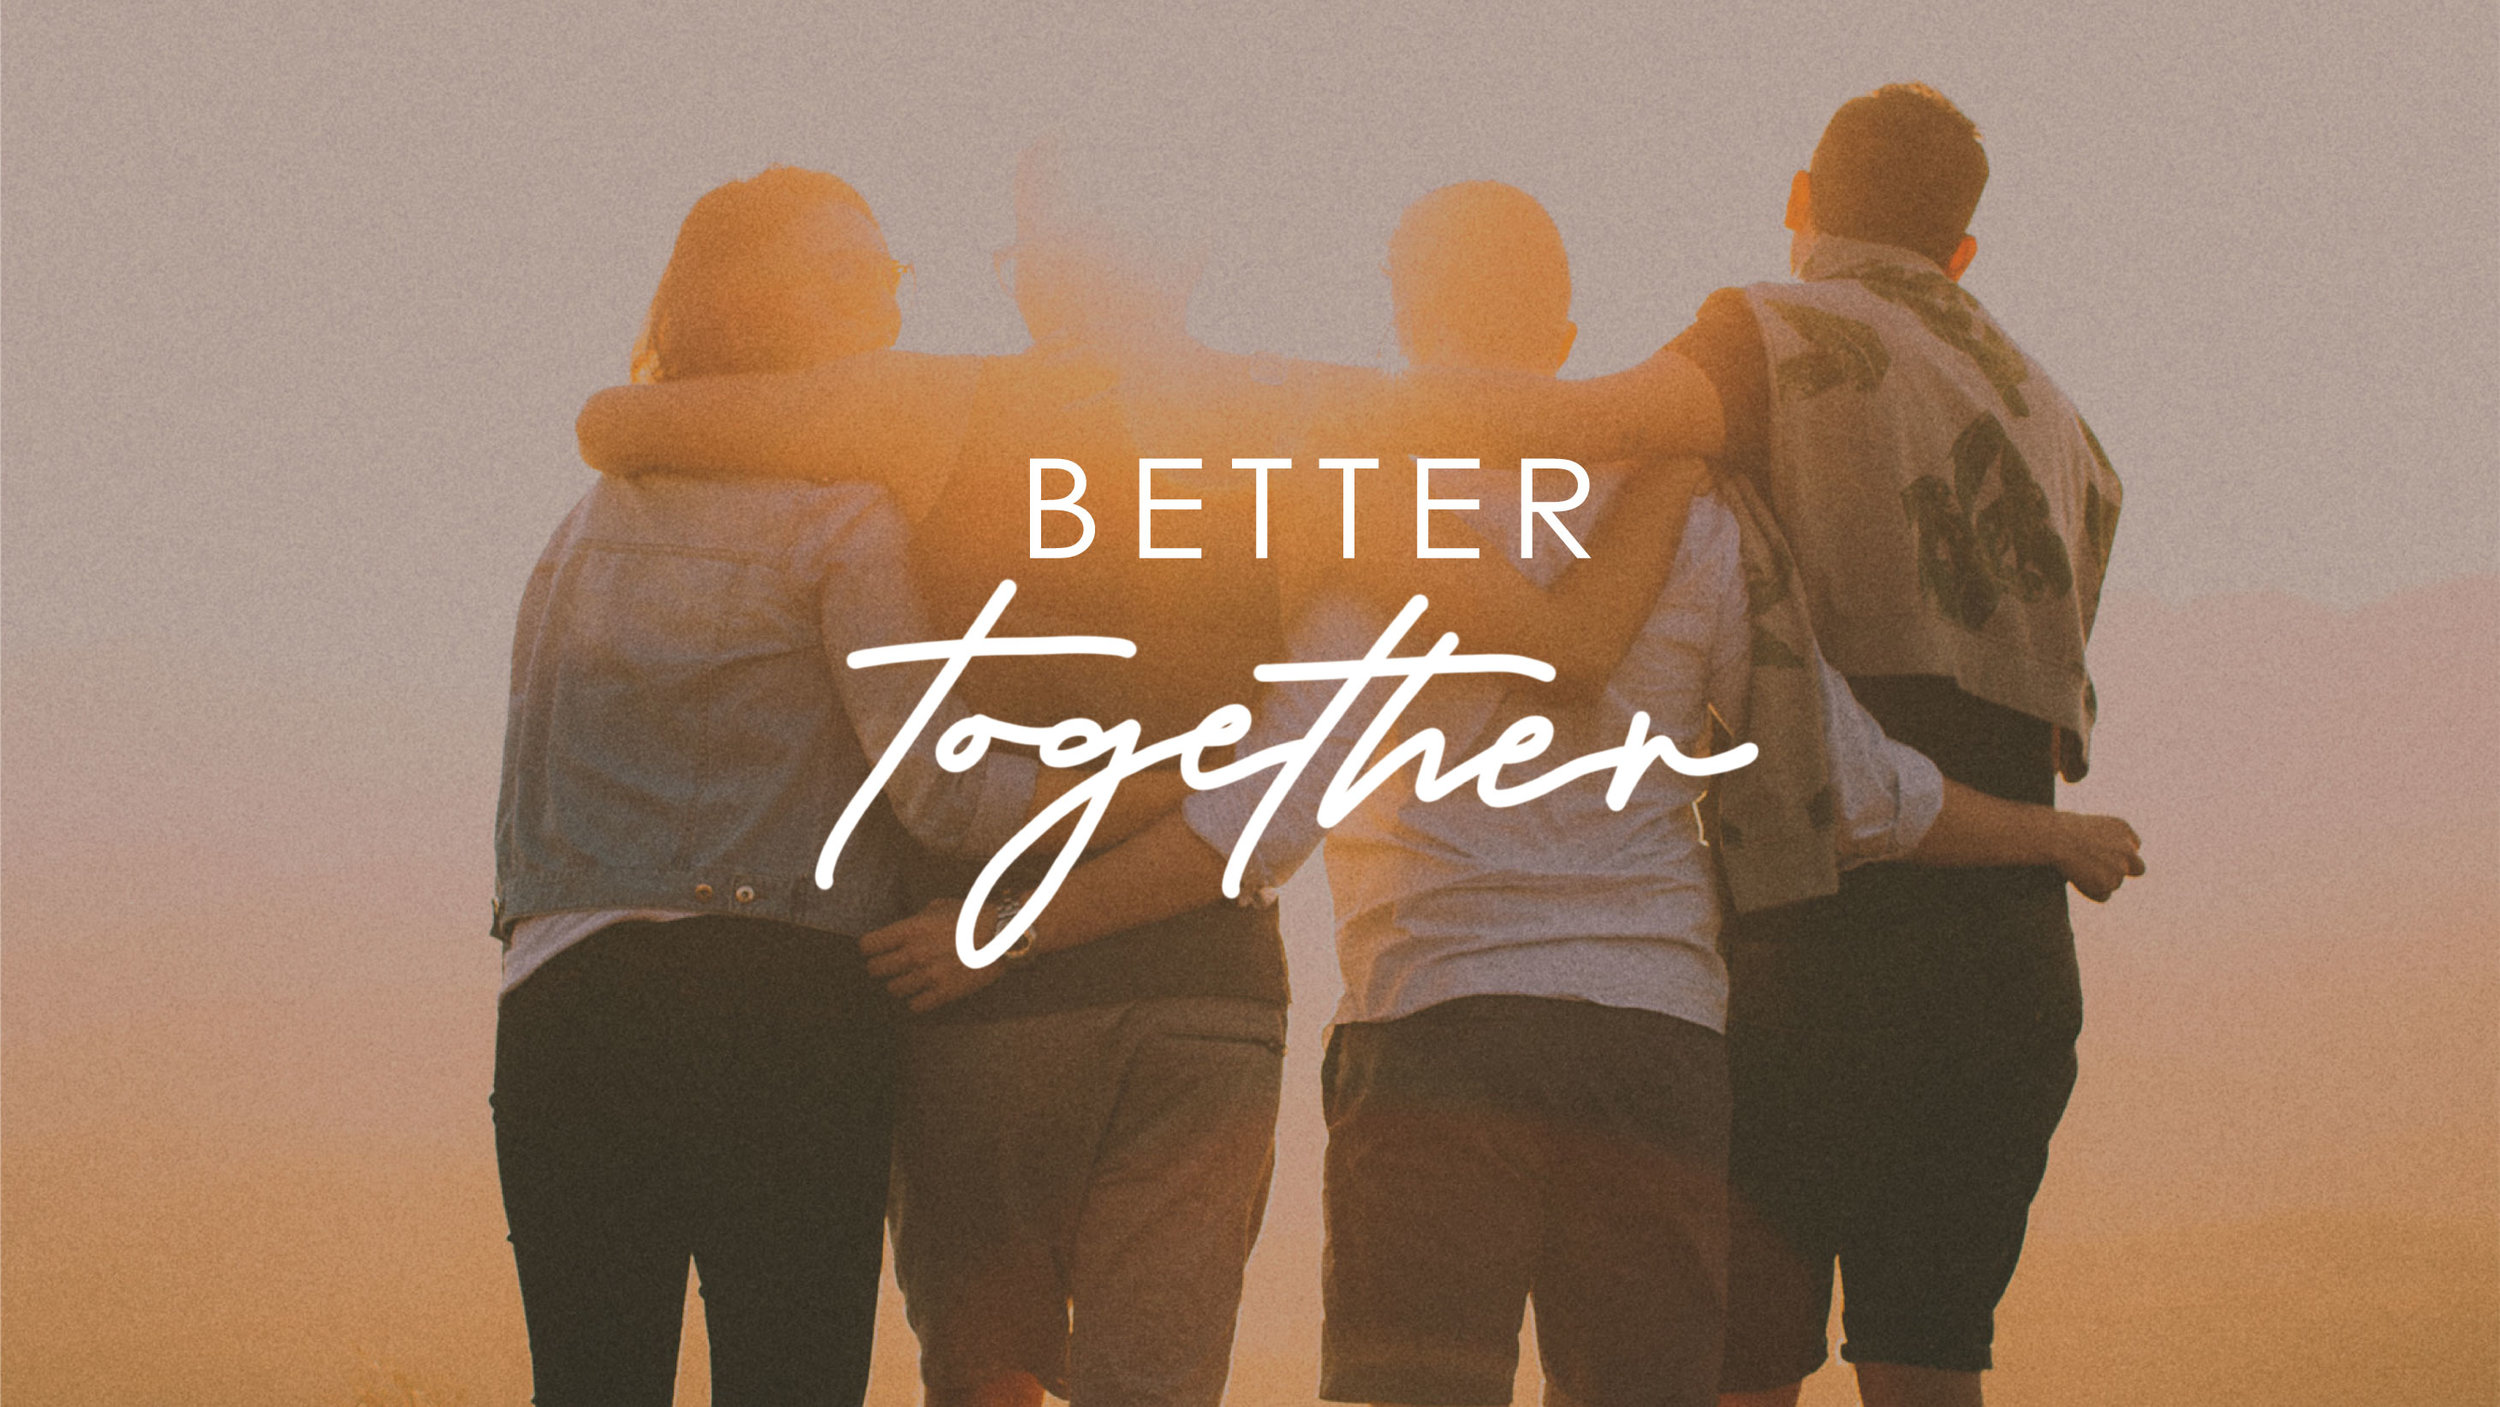 Better-Together.jpg